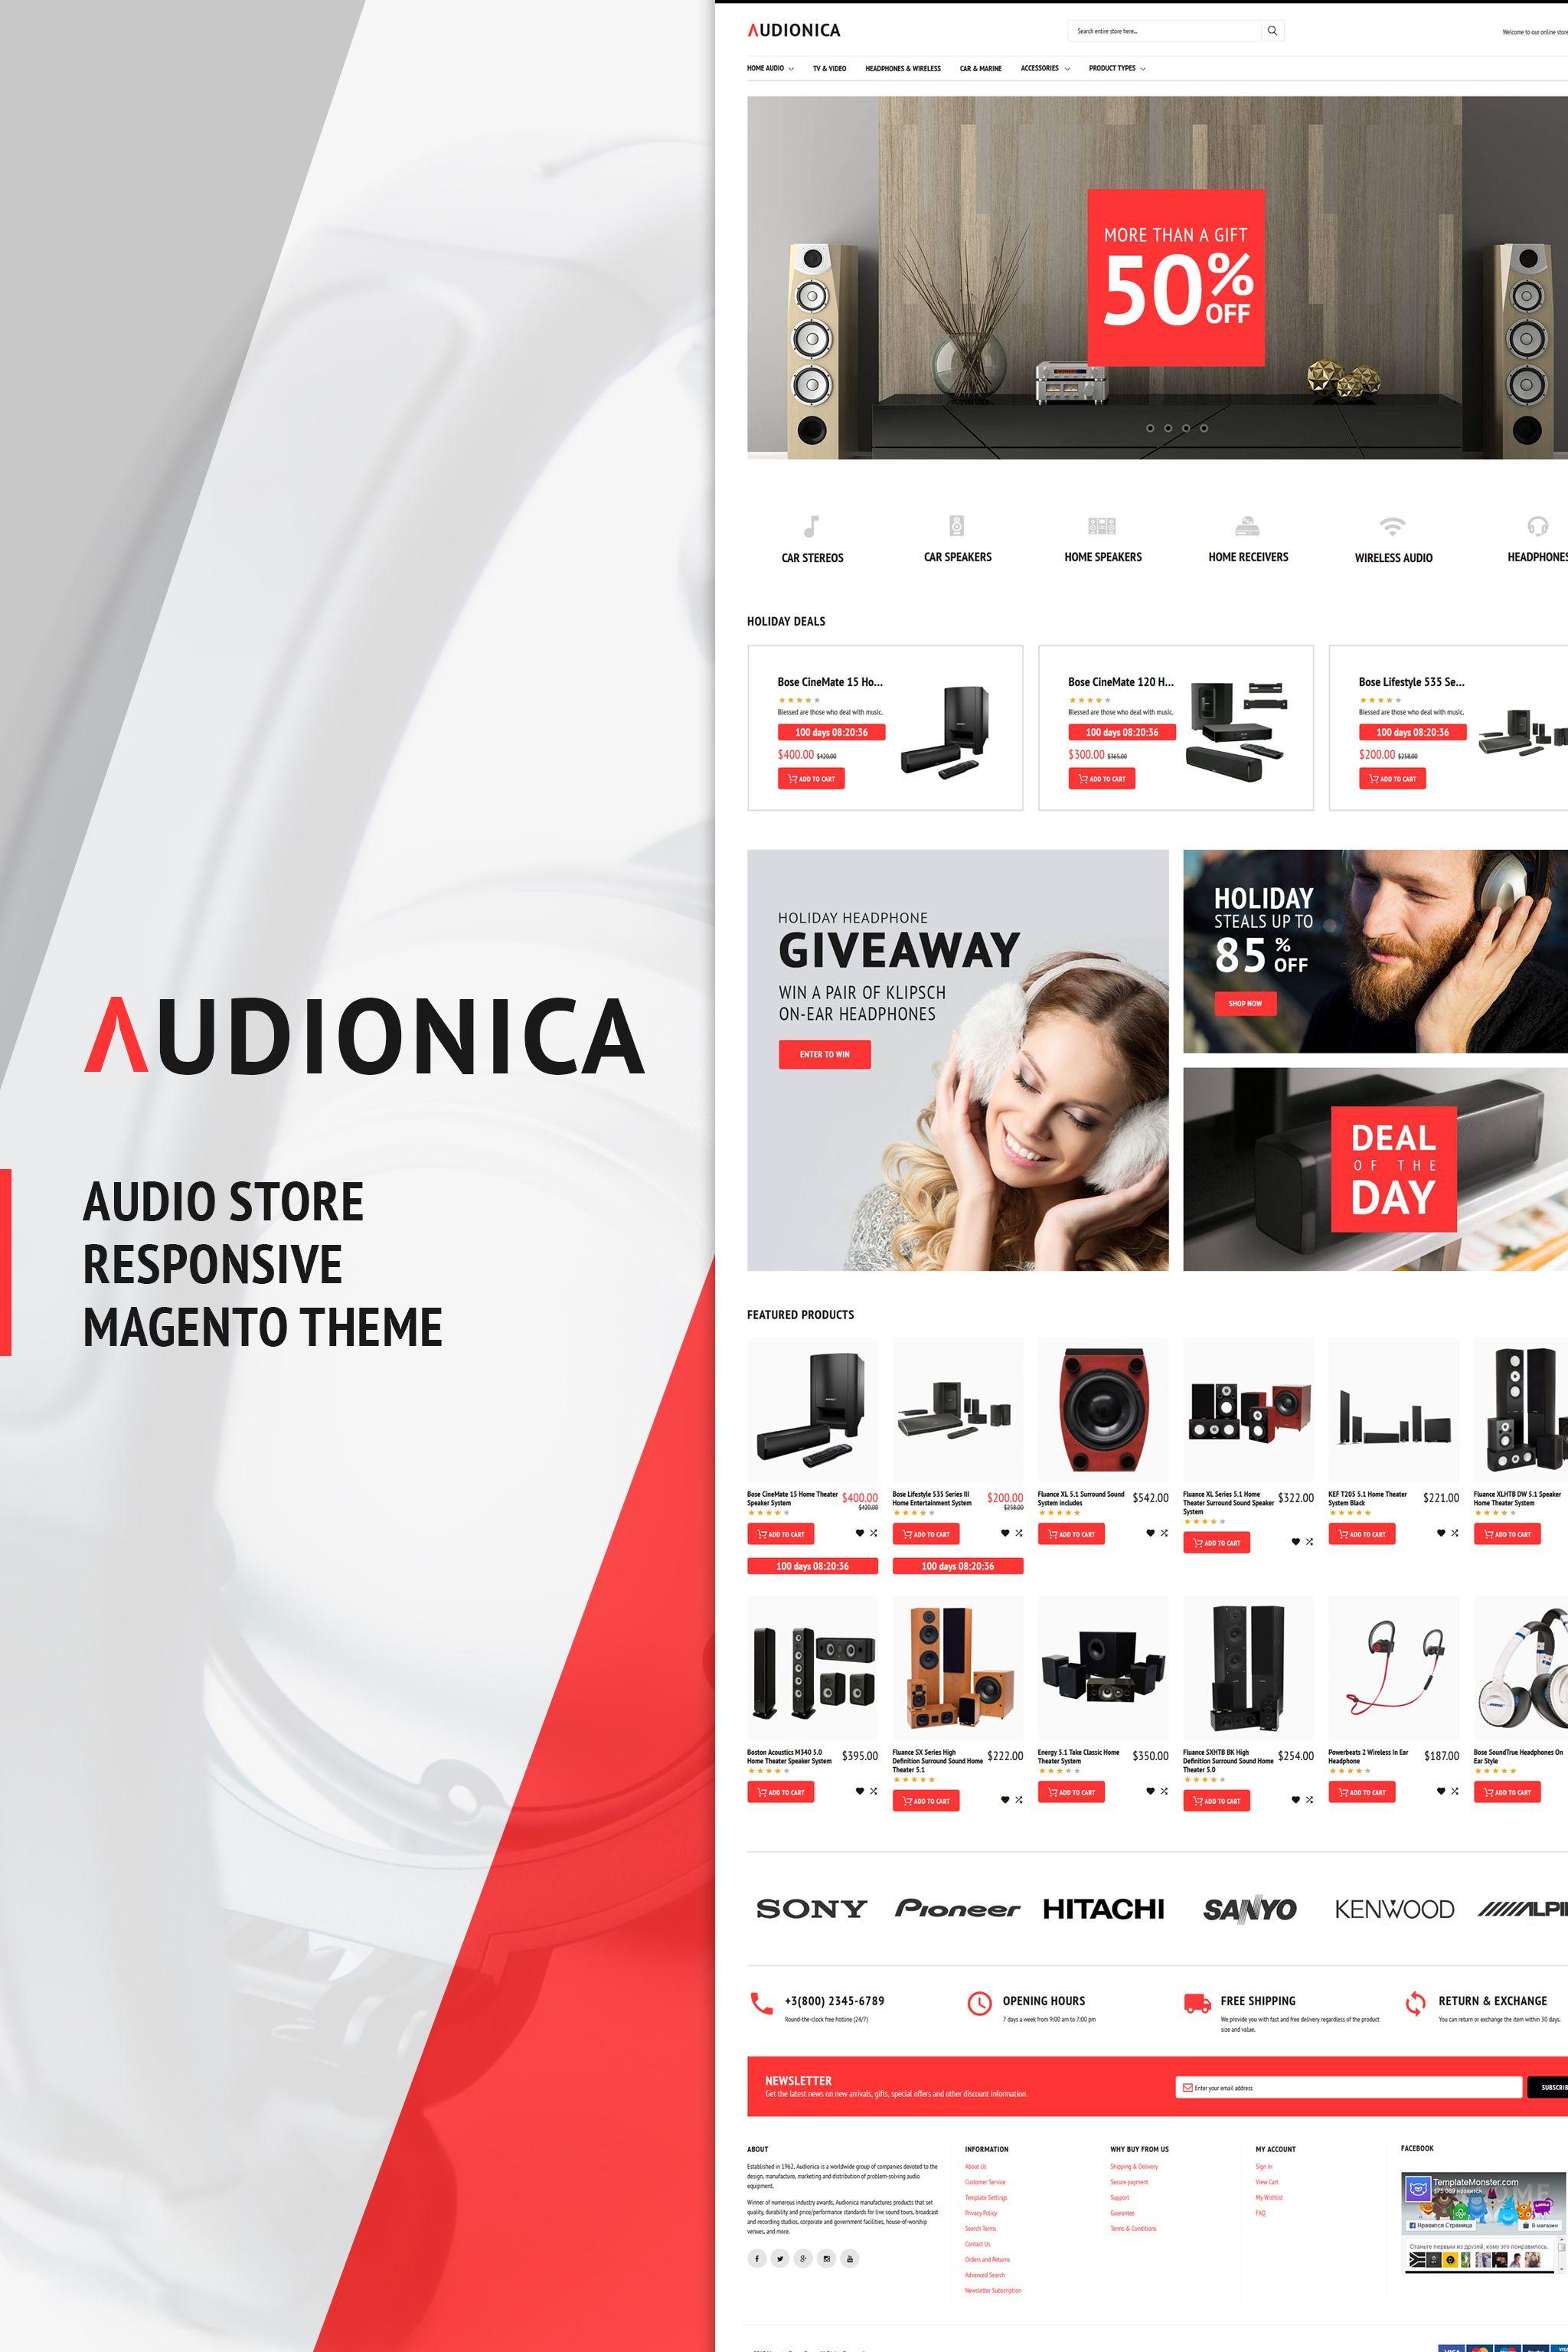 Audionica - Audio Shop Magento Theme | Web Design | Pinterest